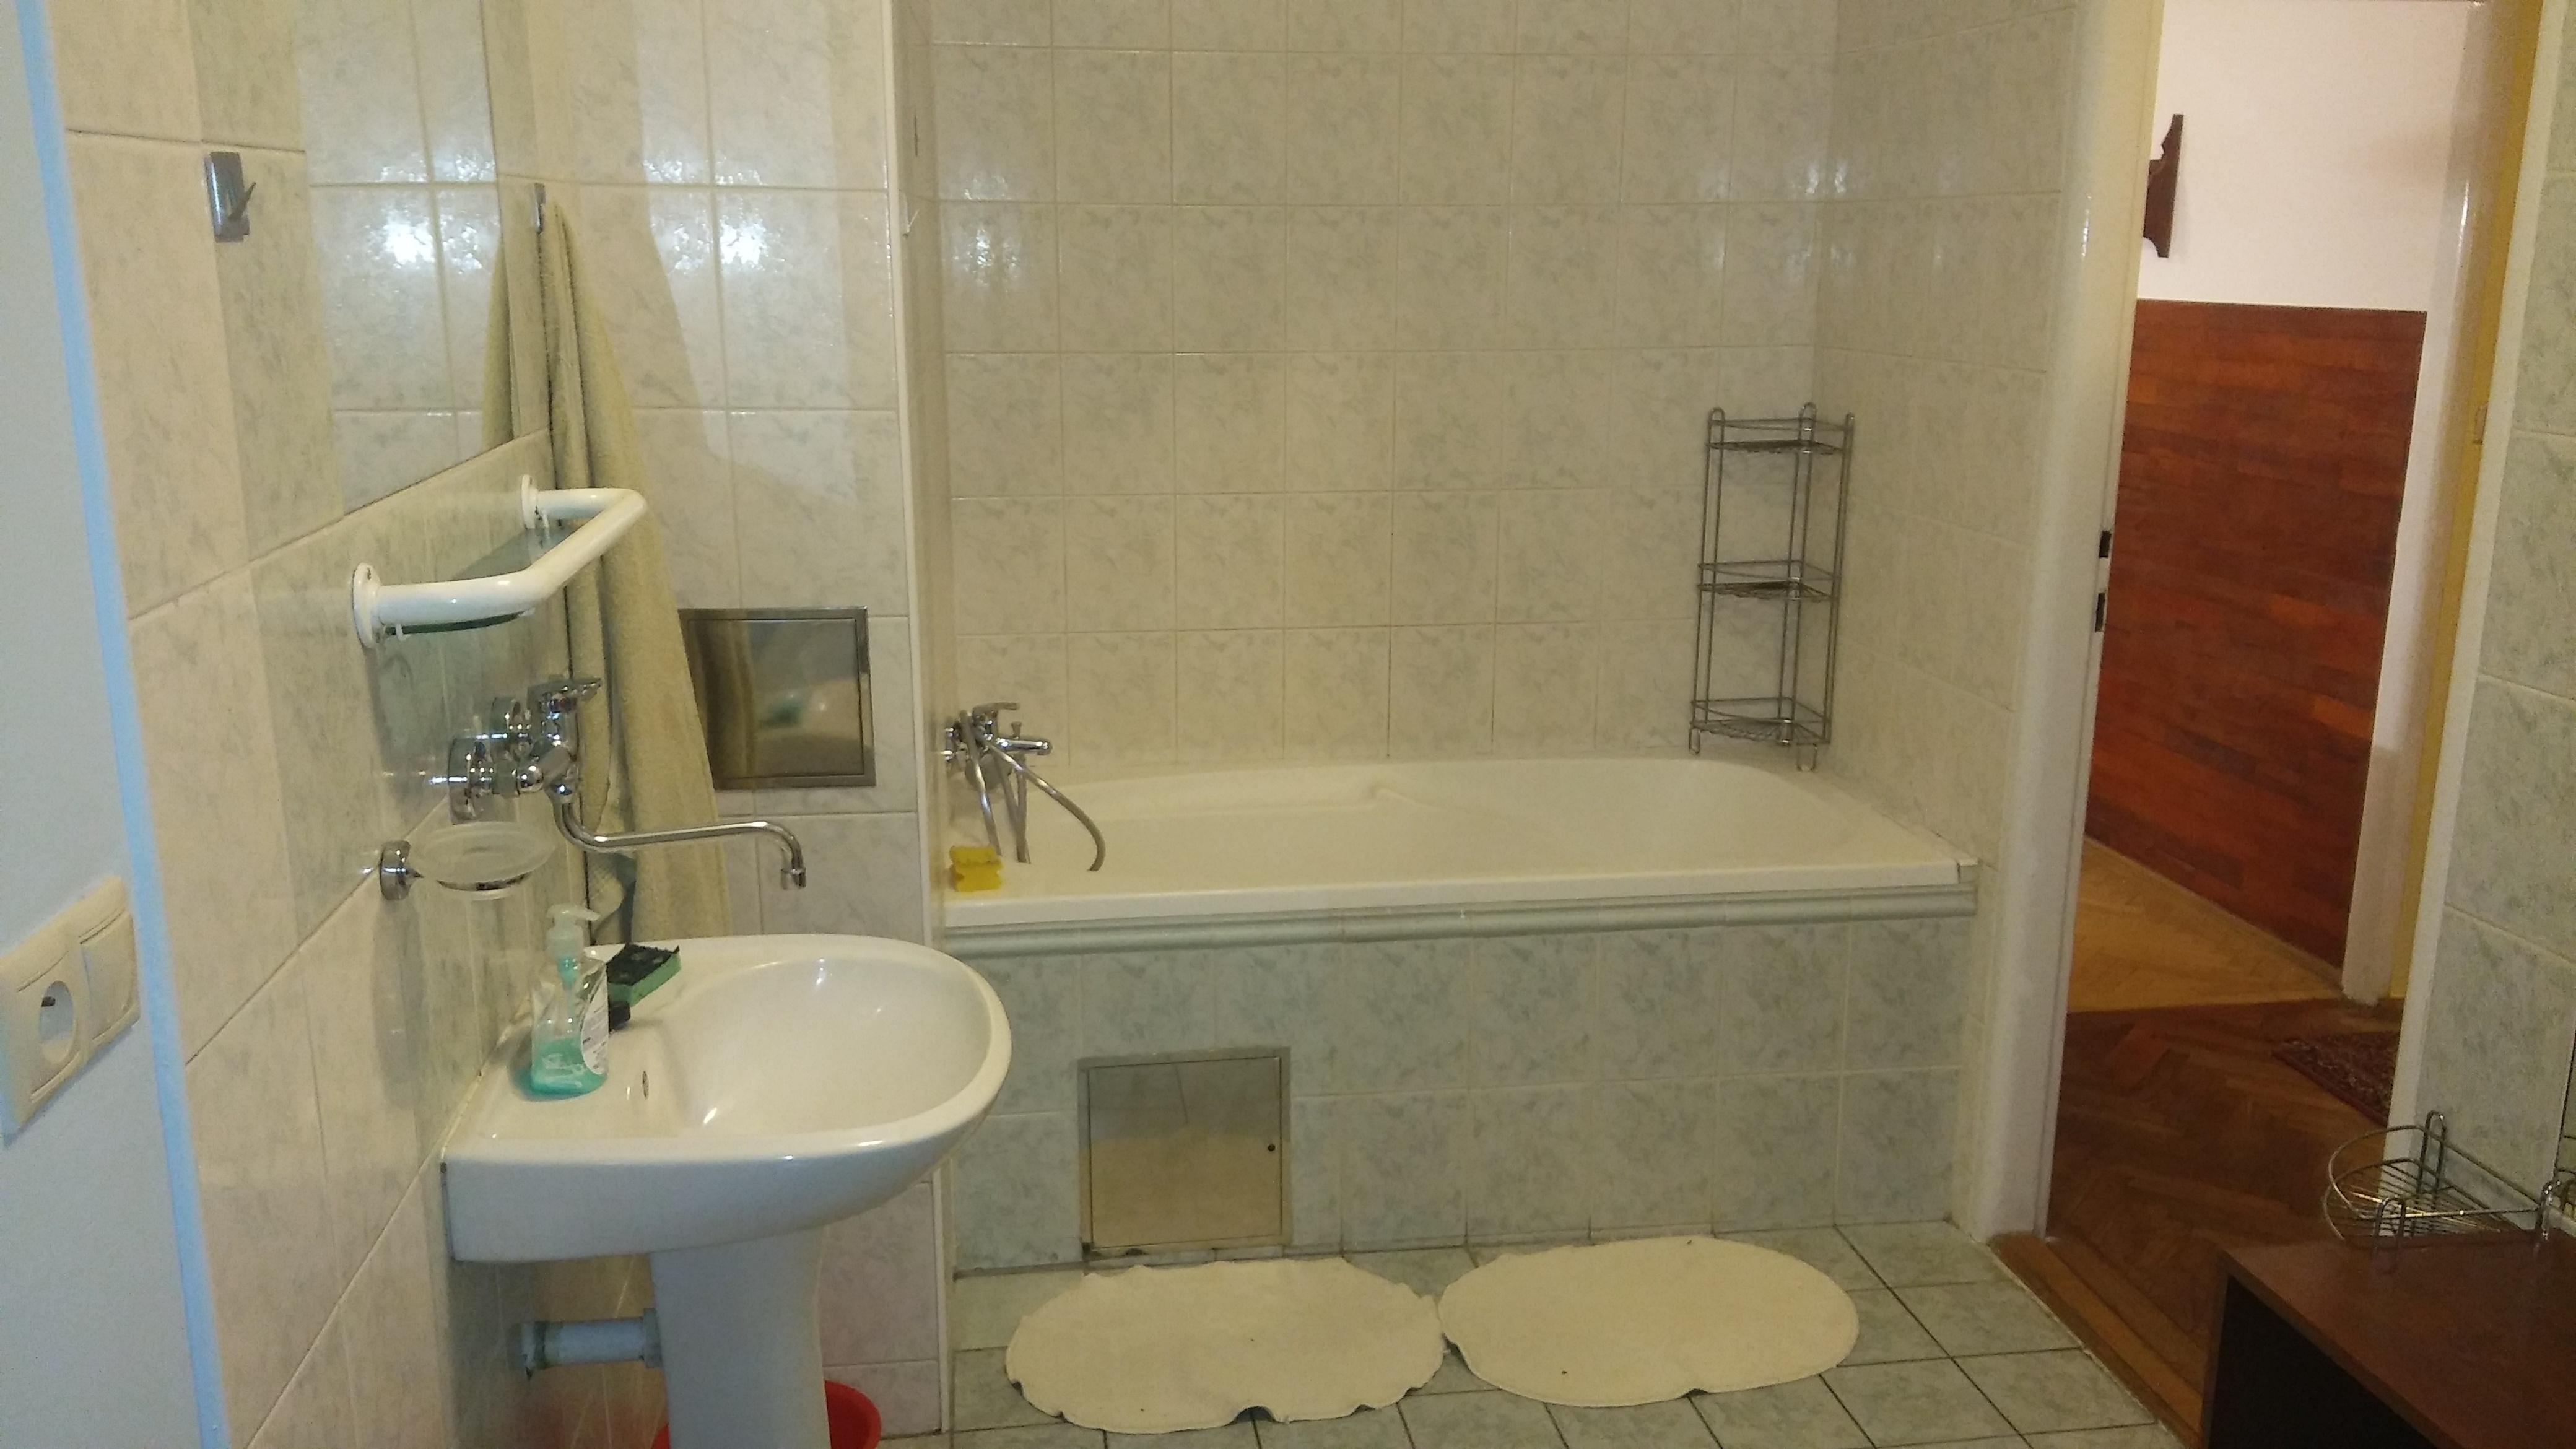 Prenajaté: Na prenájom exkluzívne 2 izb. byt, Staré mesto, Šancová ulica, Bratislava, 75m2, kompletne zariadený-17